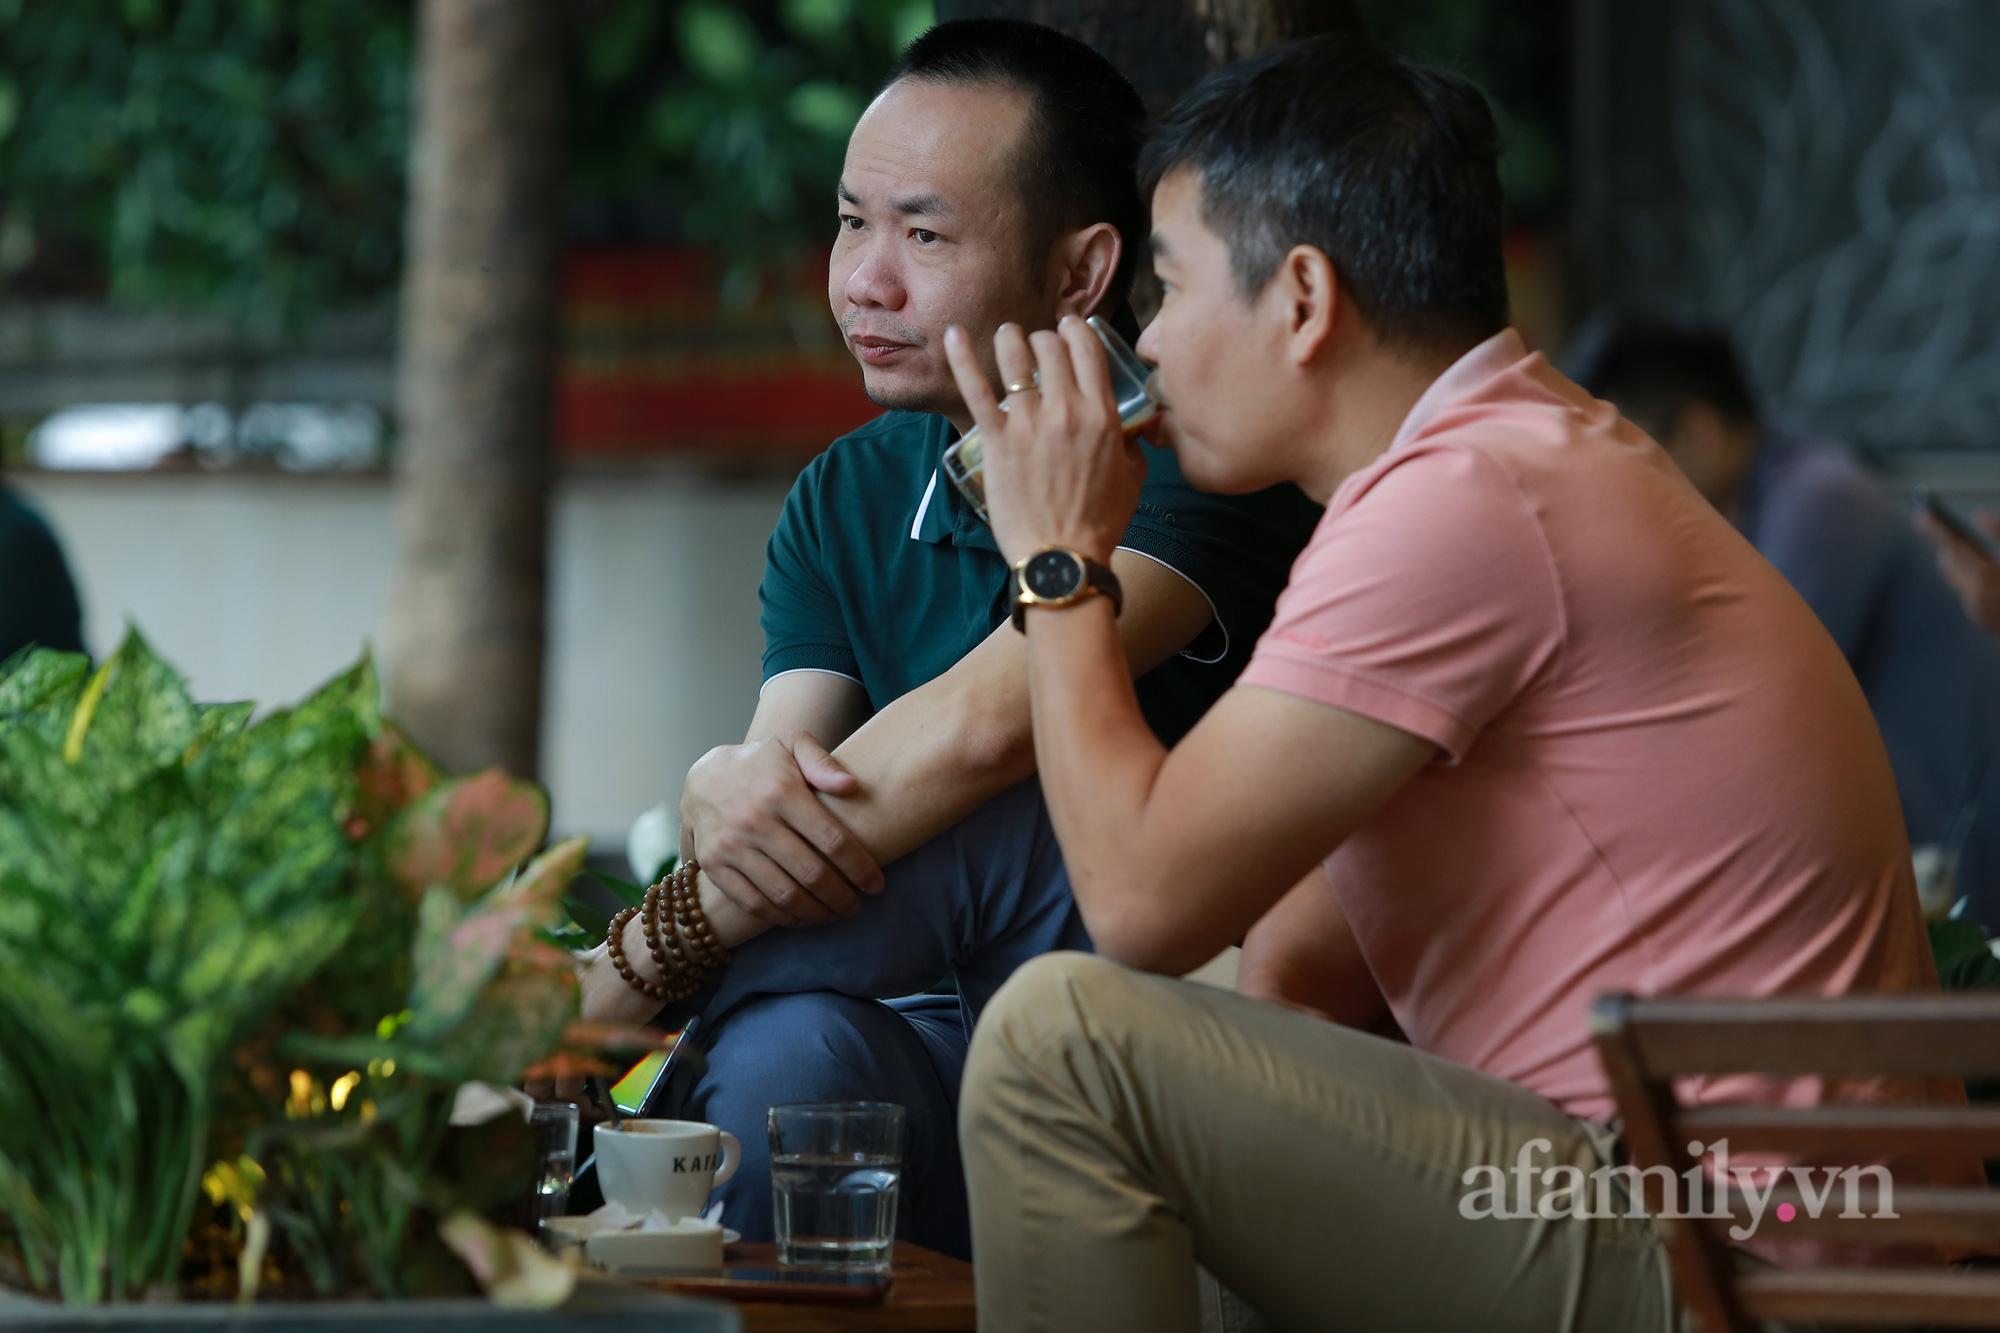 Người Hà Nội hồ hởi dậy sớm đi ăn sáng, cafe khi hàng ăn, uống được mở bán tại chỗ - Ảnh 14.